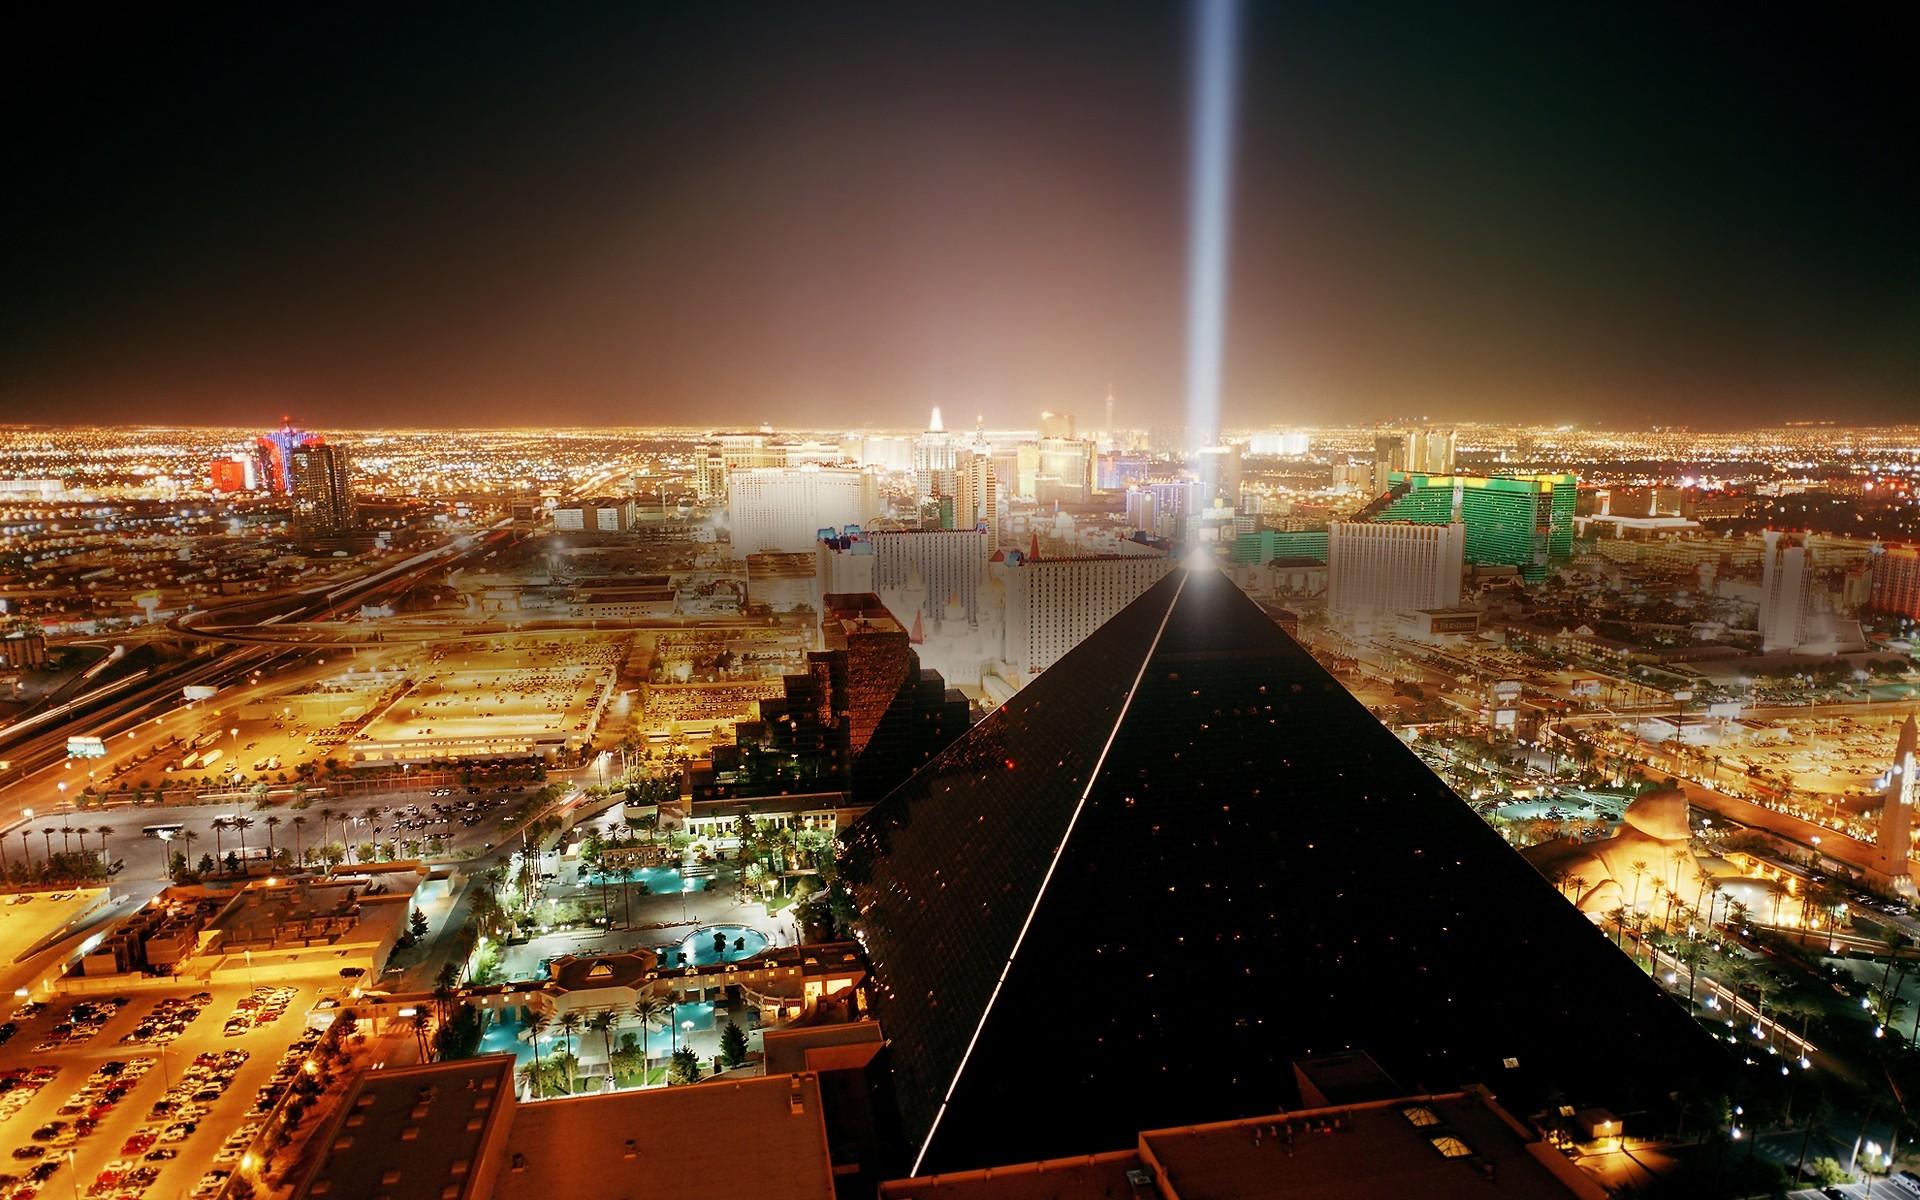 デスクトップ壁紙  シティ, 都市景観, 夜, 建物, 反射, ホテル